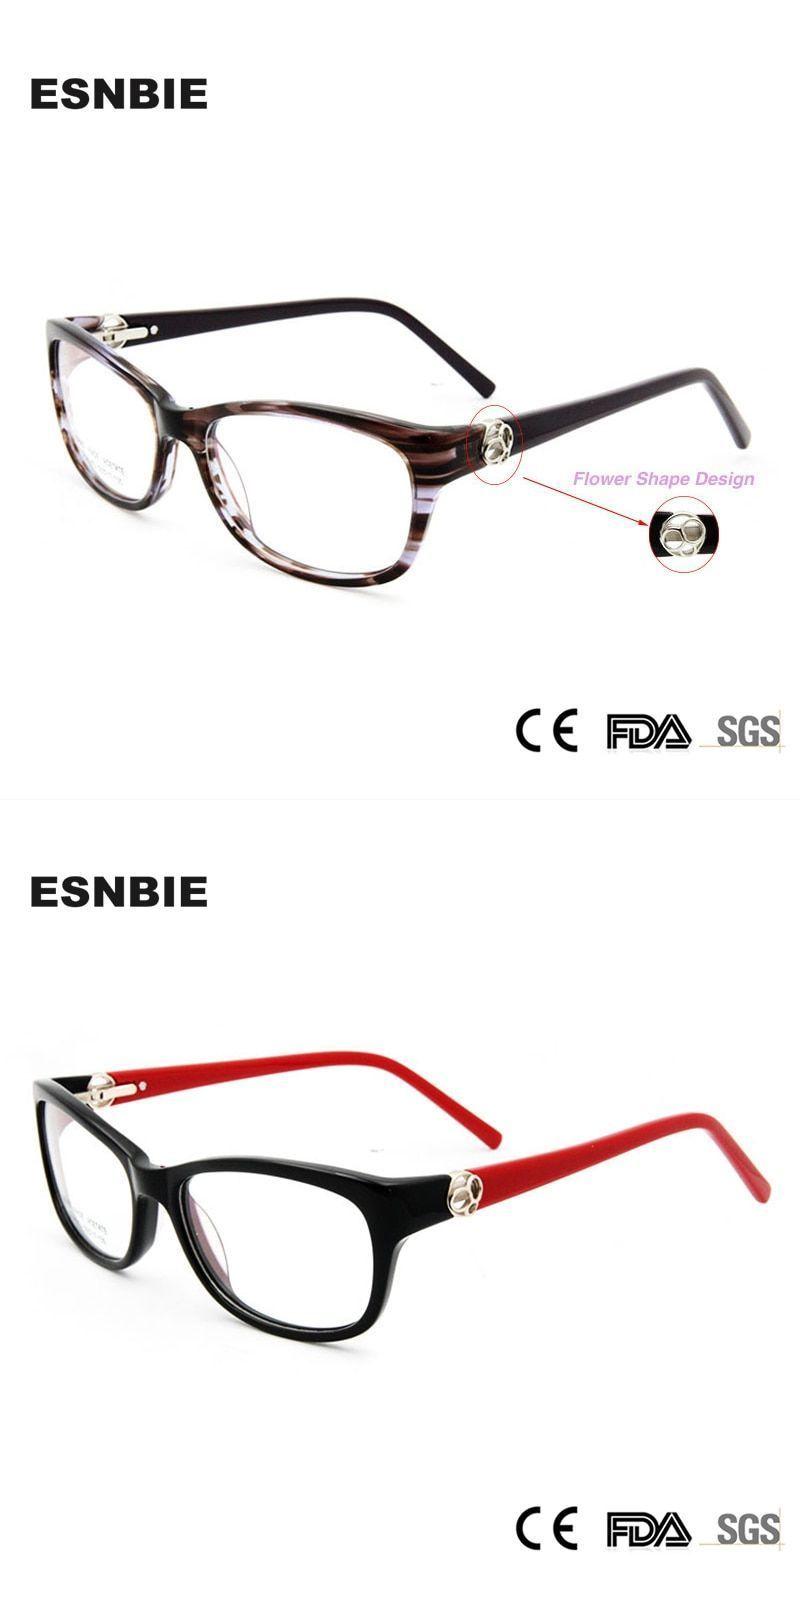 10f1cf925b New oculos de grau feminino fashion glasses women armacao de oculos female  prescription eyewear clear lens